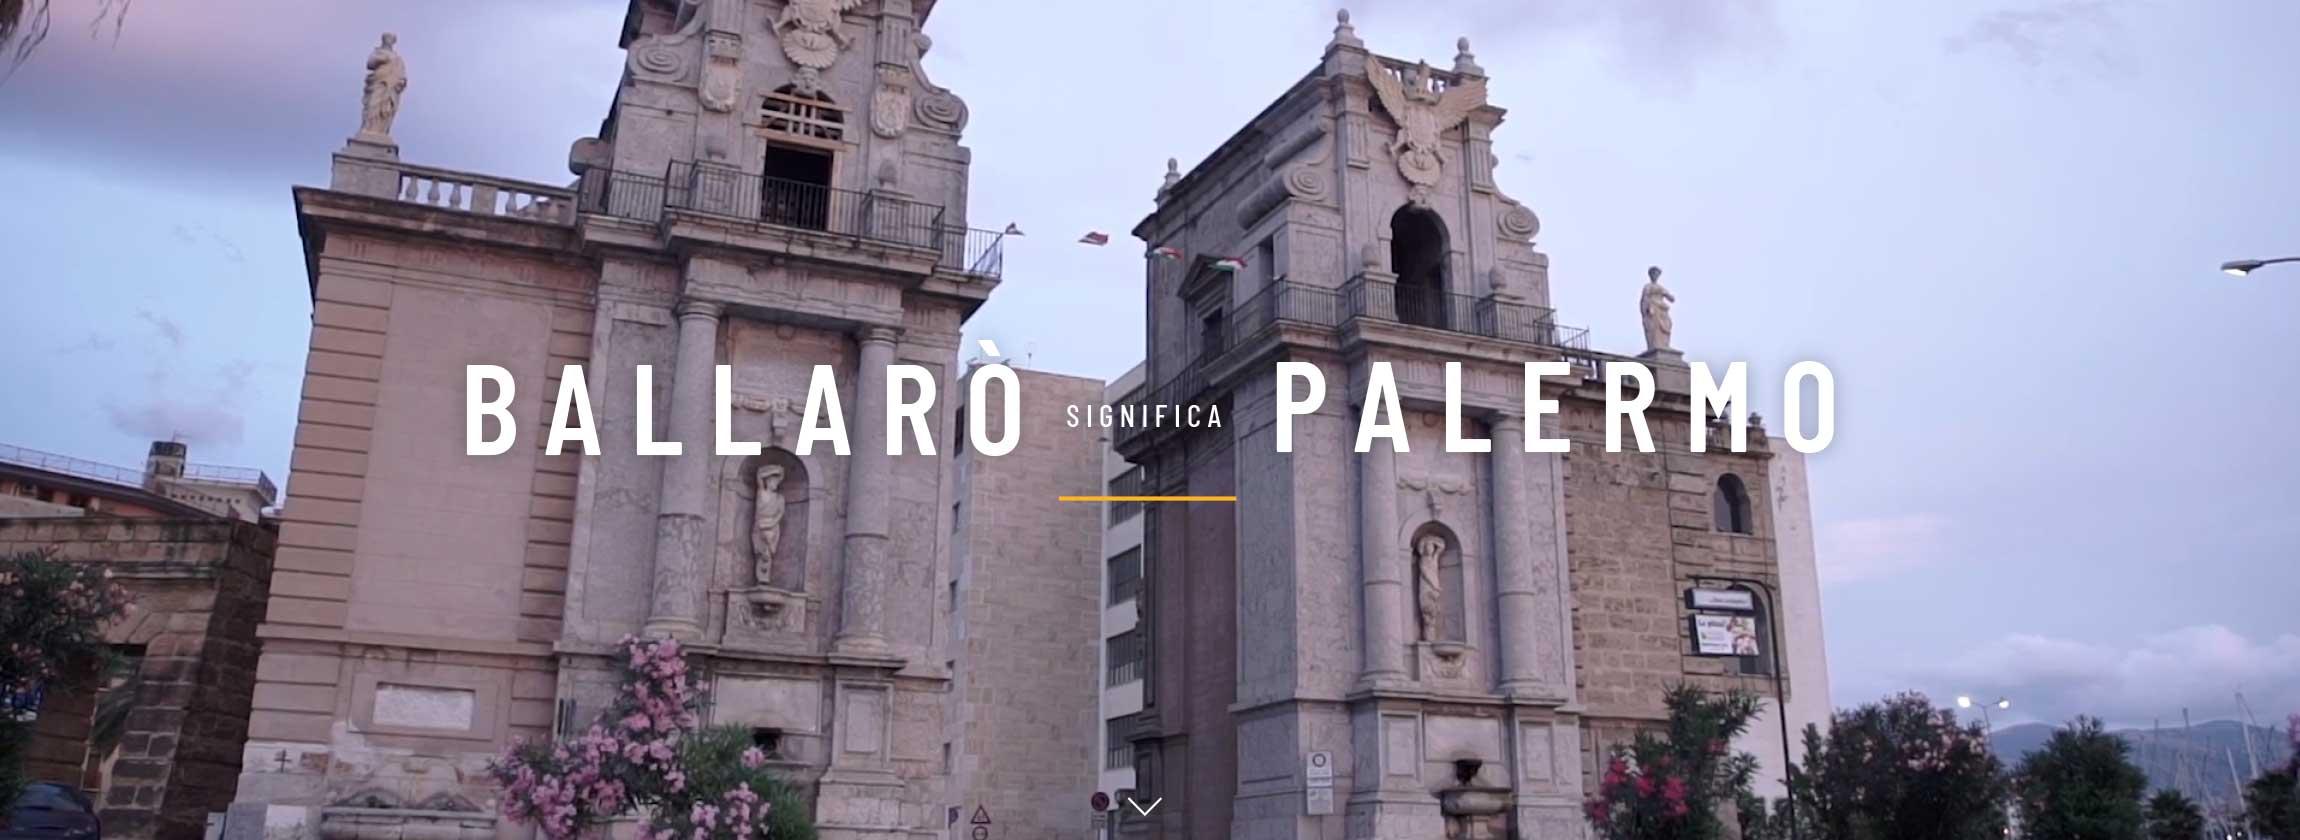 'BALLARO' SIGNIFICA PALERMO 2018'